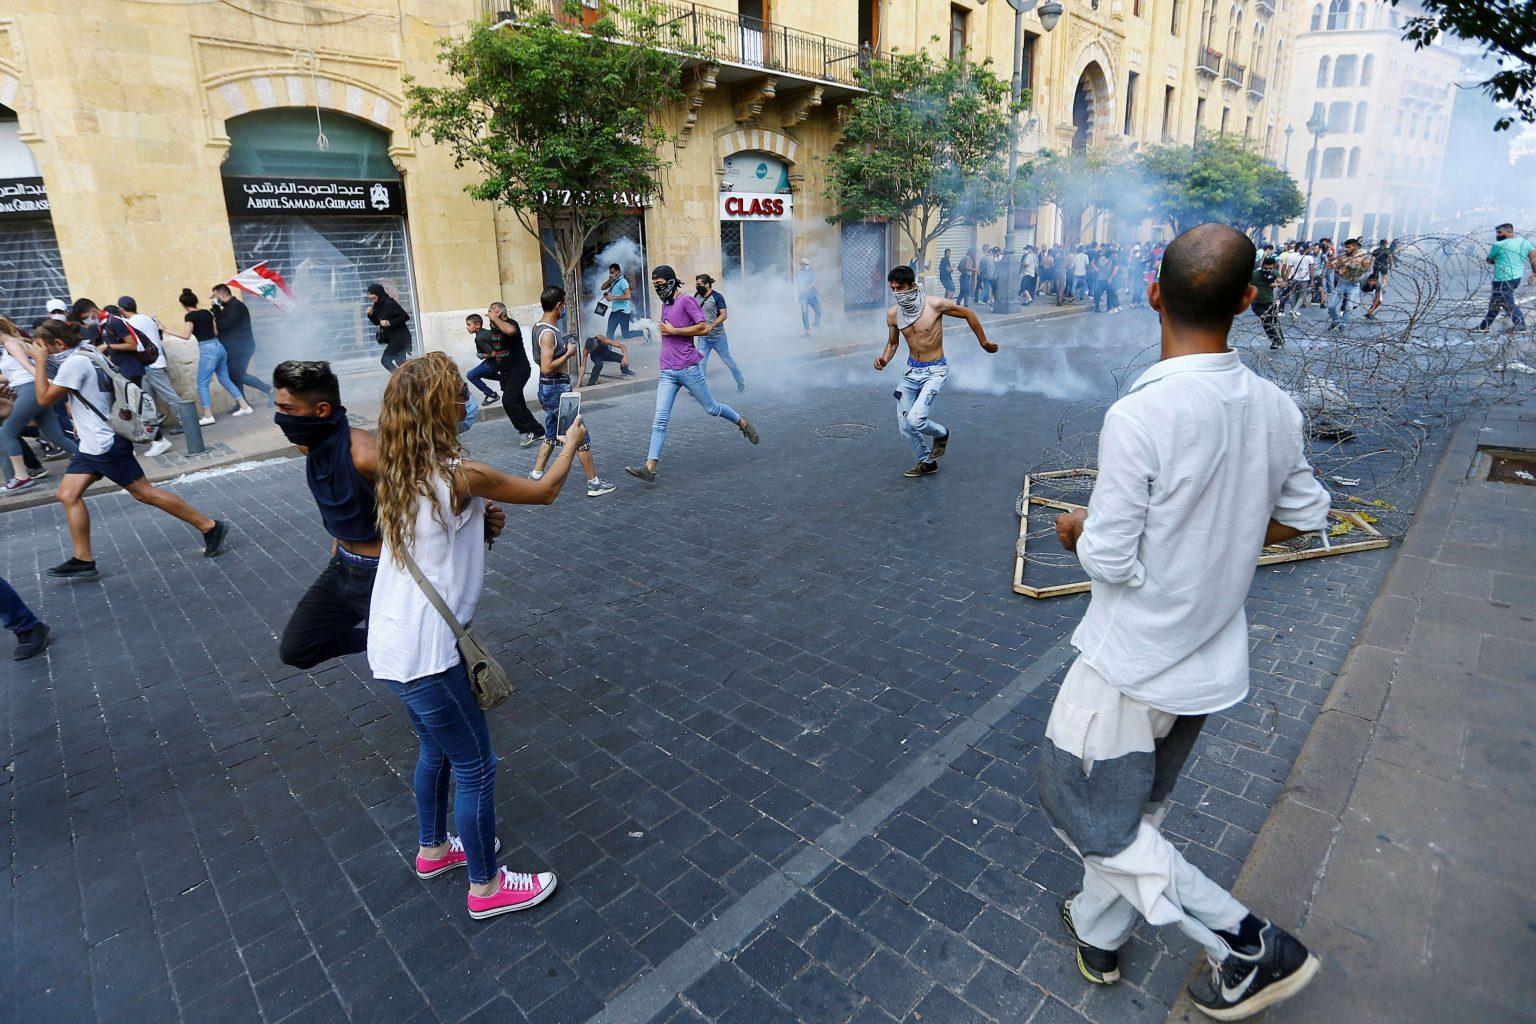 صورة قوات الأمن تطلق الغاز المسيل للدموع على متظاهرين في بيروت